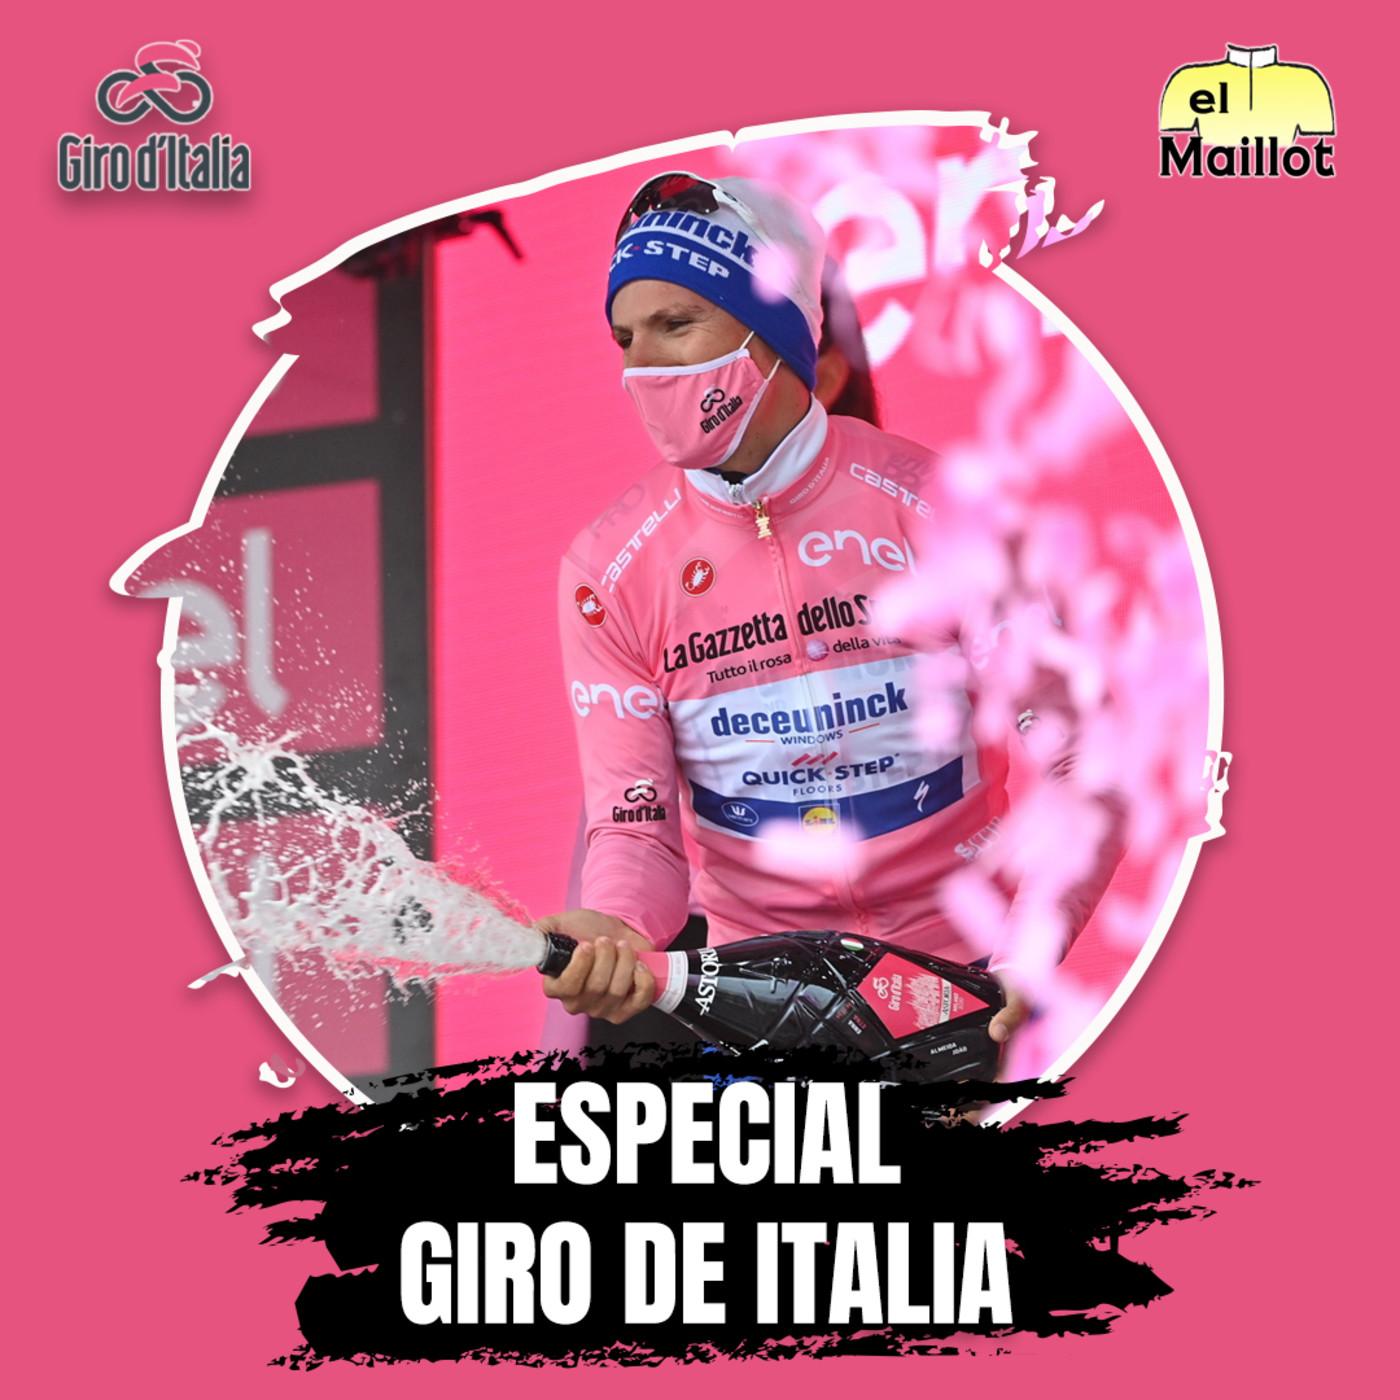 El Maillot - Especial Giro de Italia #2 | Lo impredecible